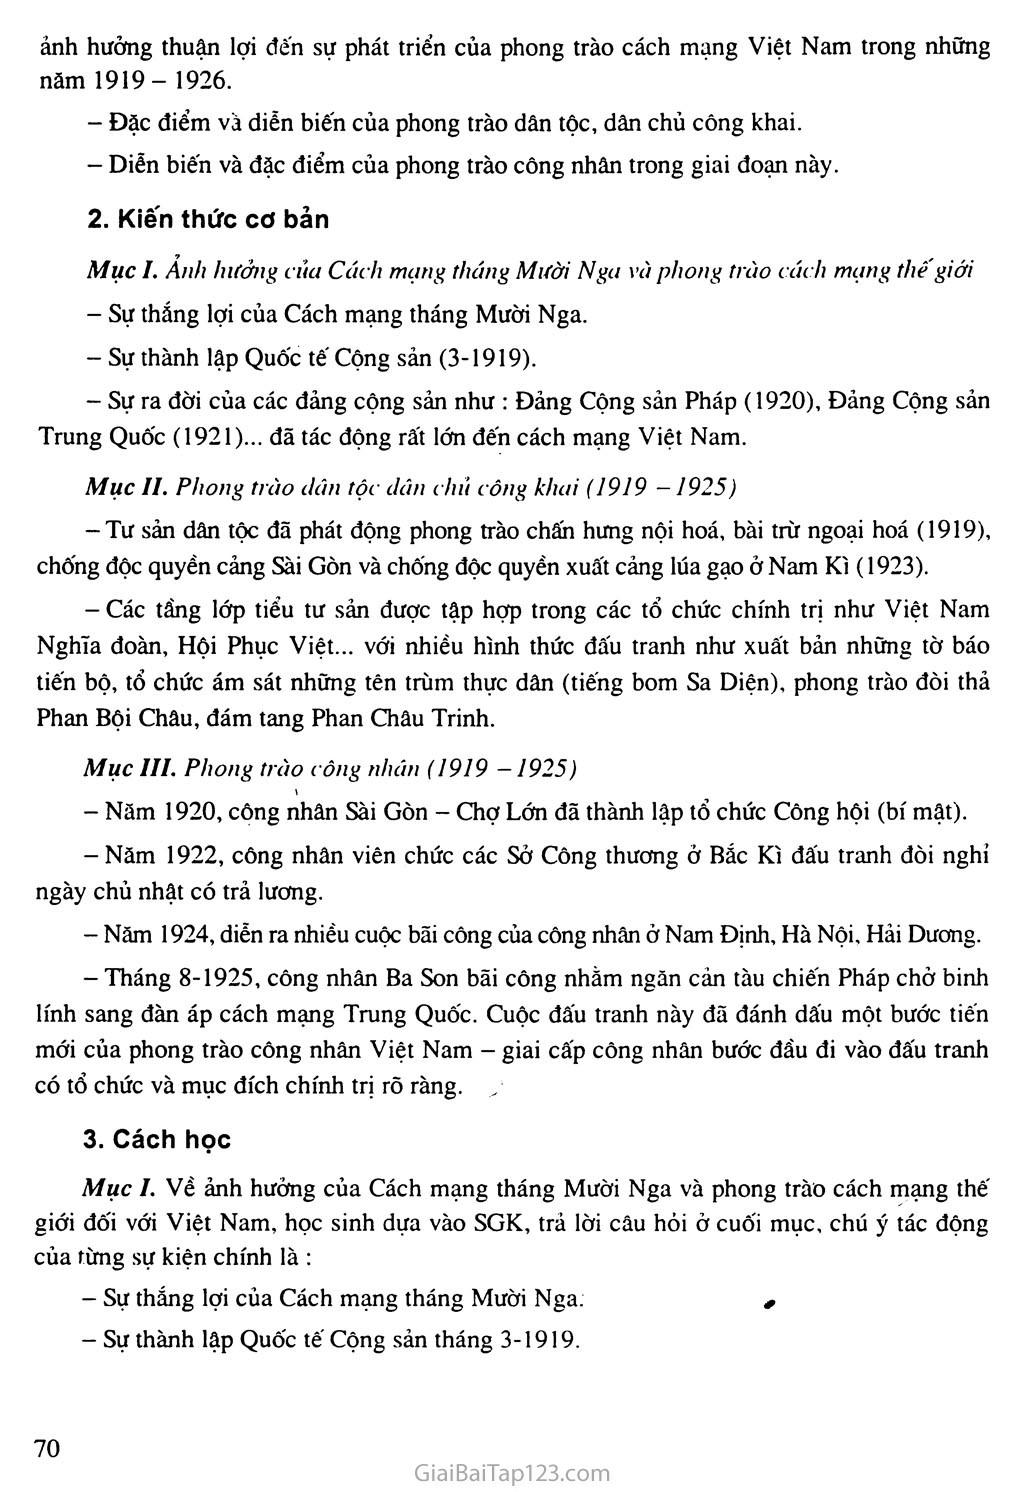 Bài 15: Phong trào cách mạng Việt Nam sau Chiến tranh thế giới thứ nhất (1919 - 1925) trang 2